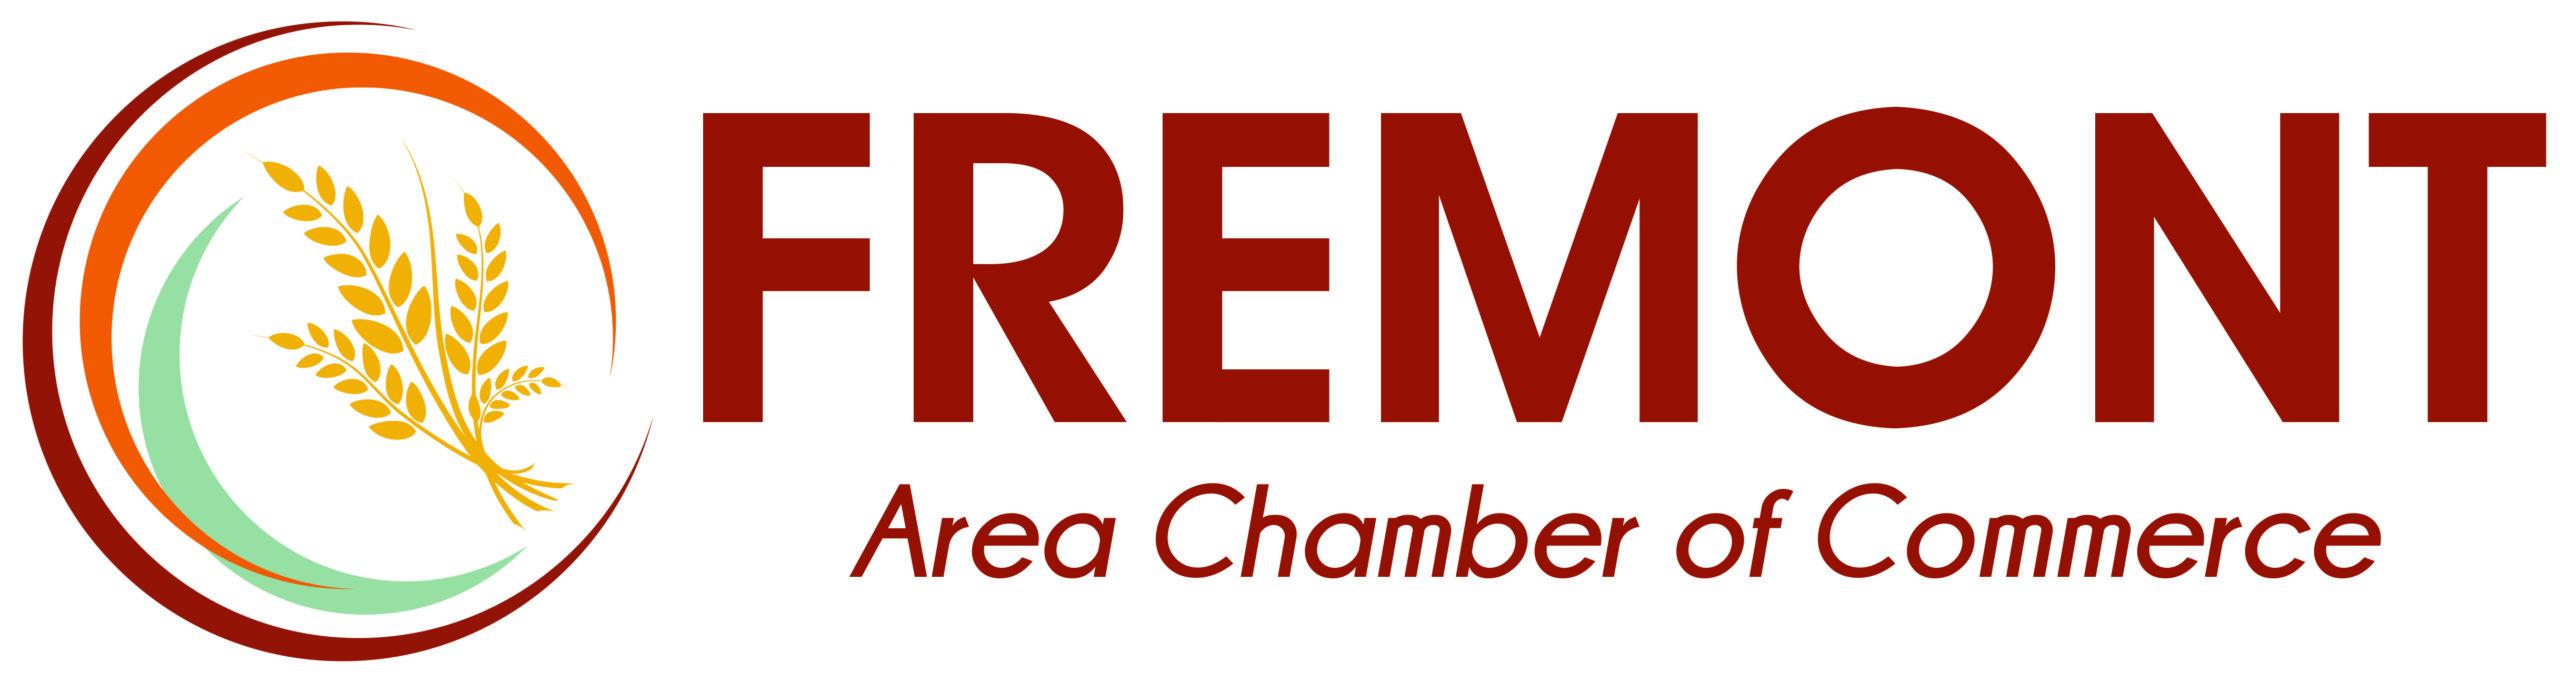 Fremont Chamber of Commerce logo